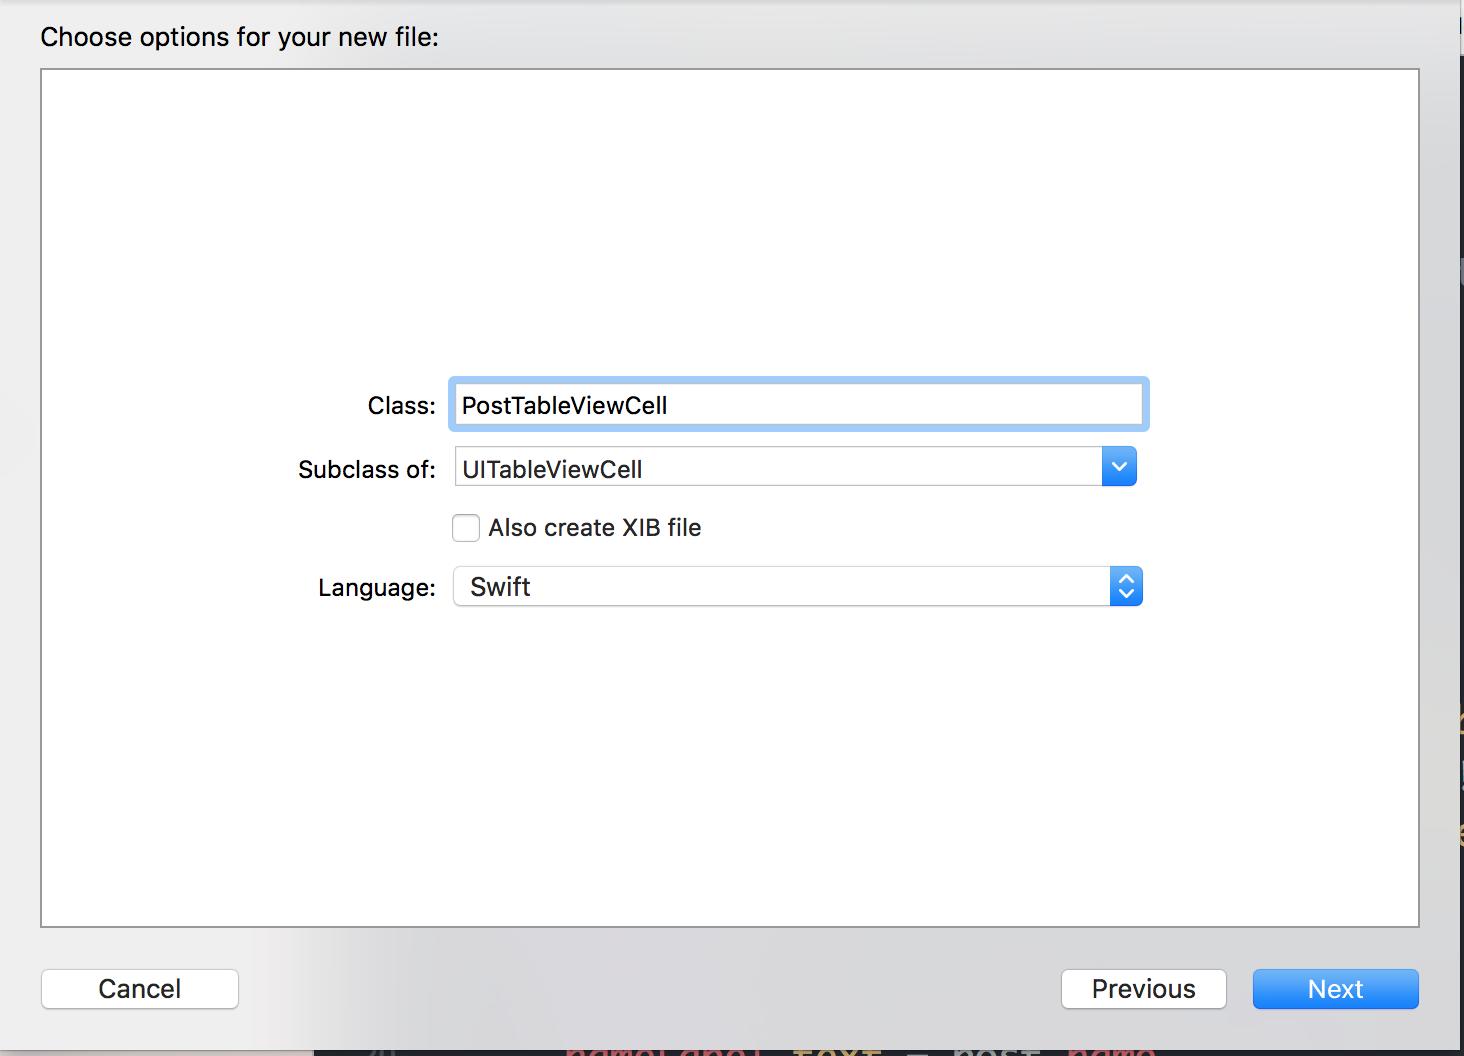 Make School | Online Academy - Learn Swift & iOS Development